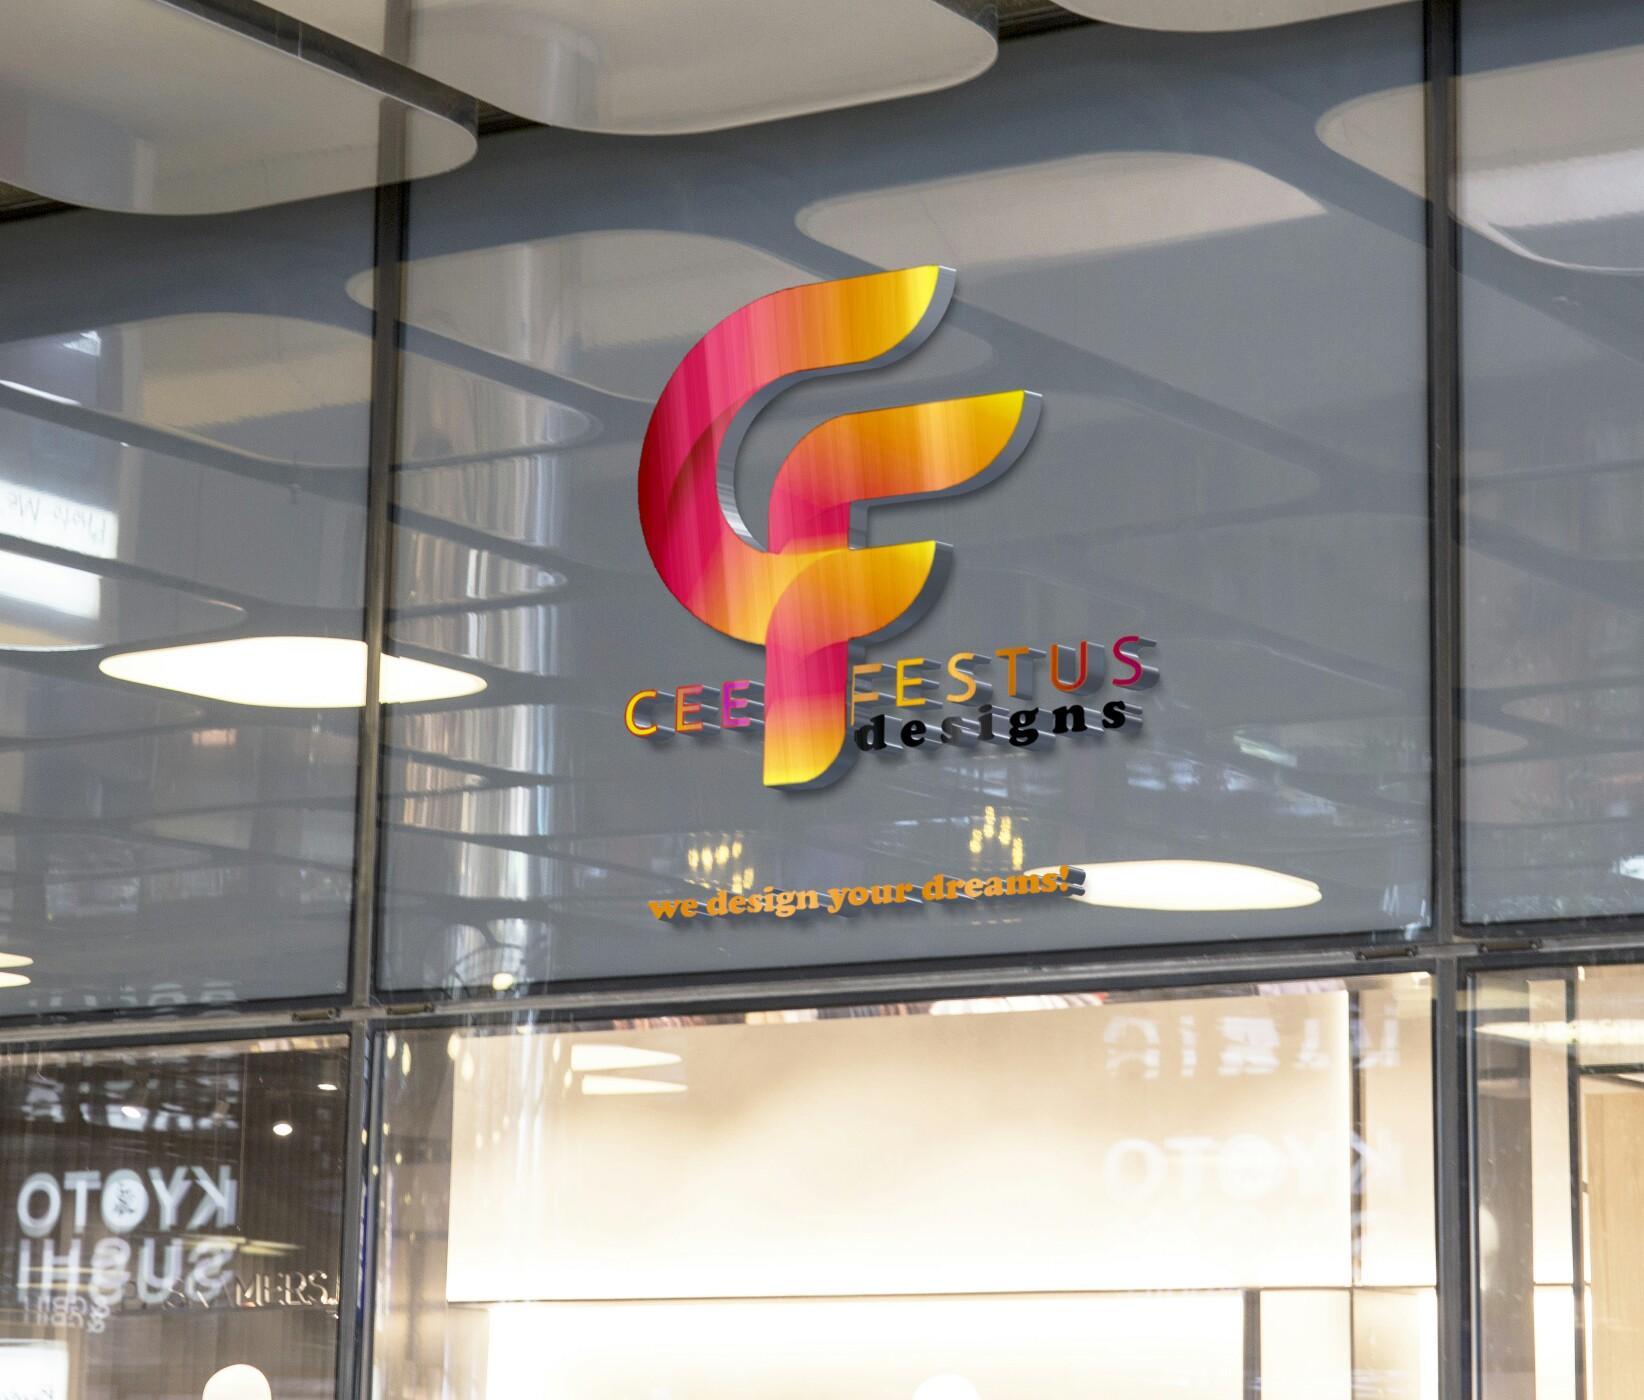 Cee-festus design